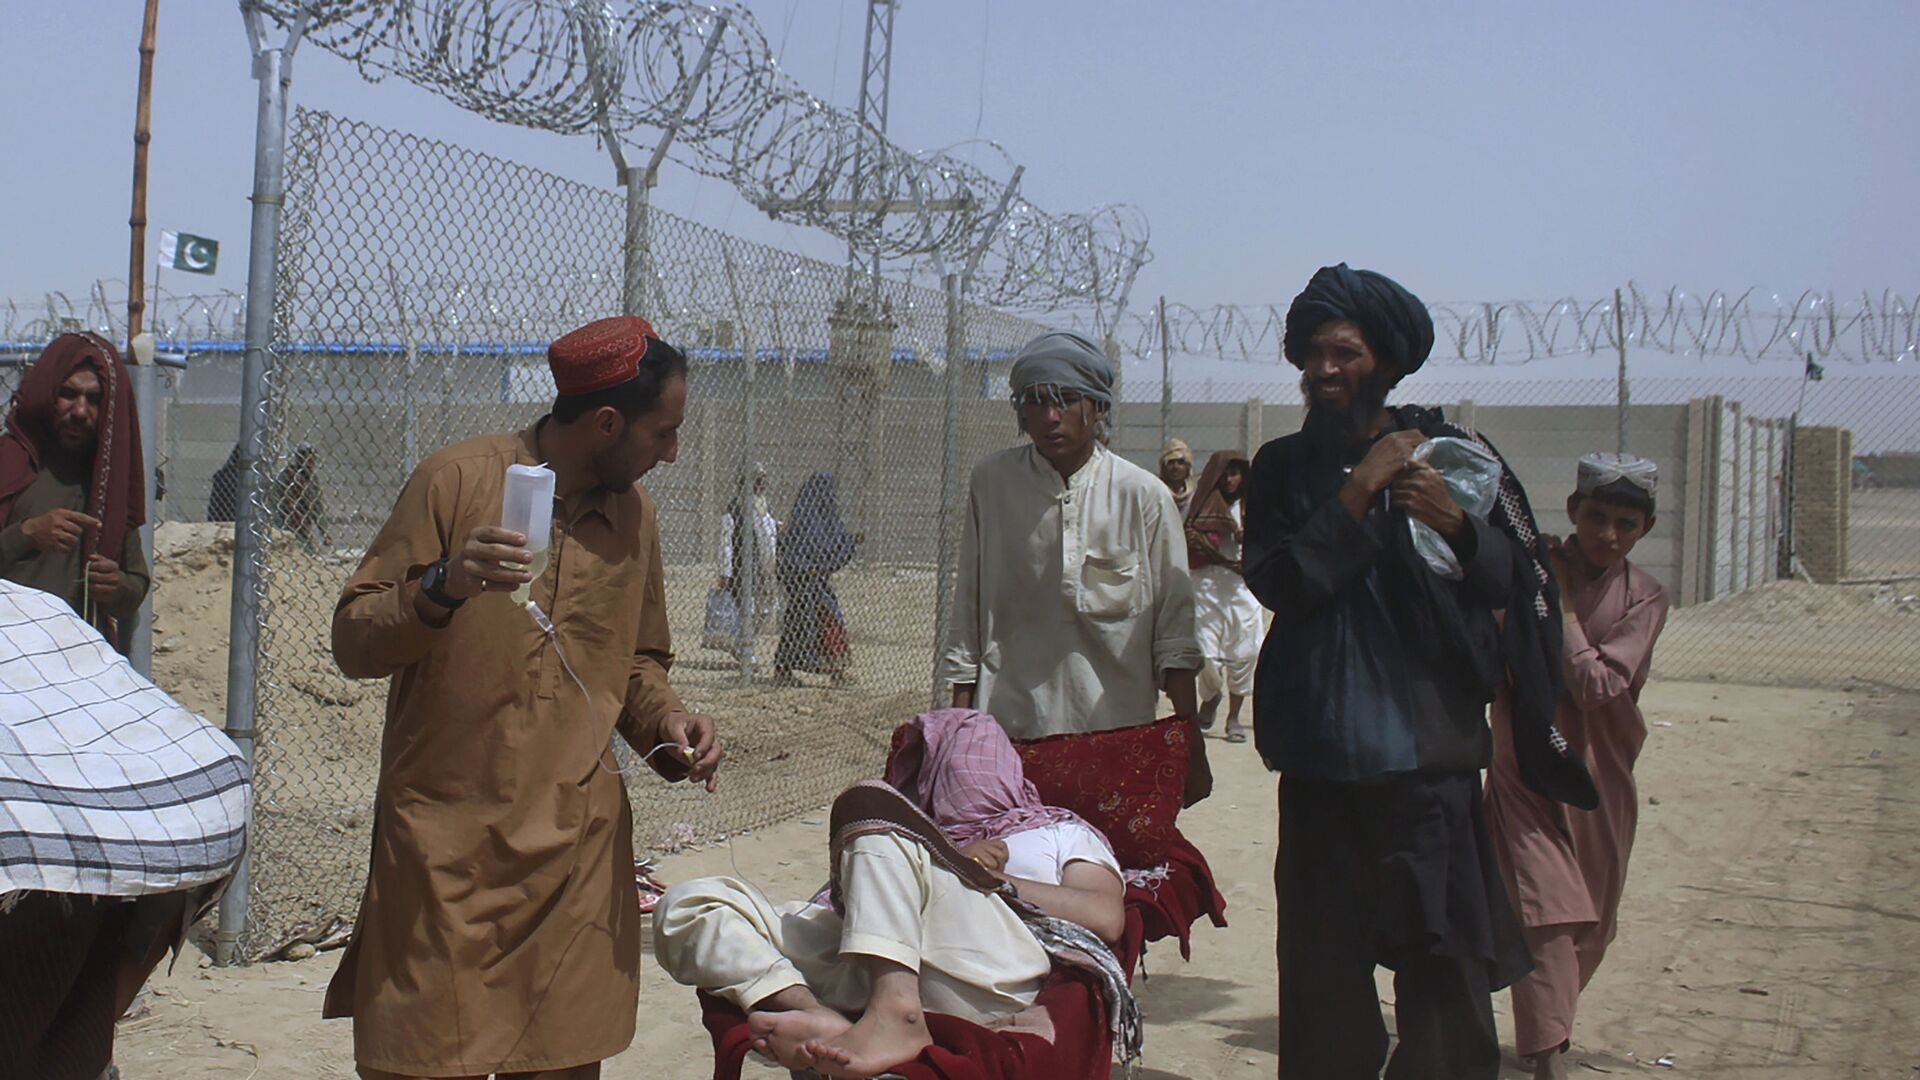 Афганские беженцы въезжают в Пакистан через пограничный переход в Чамане - Sputnik Таджикистан, 1920, 26.08.2021